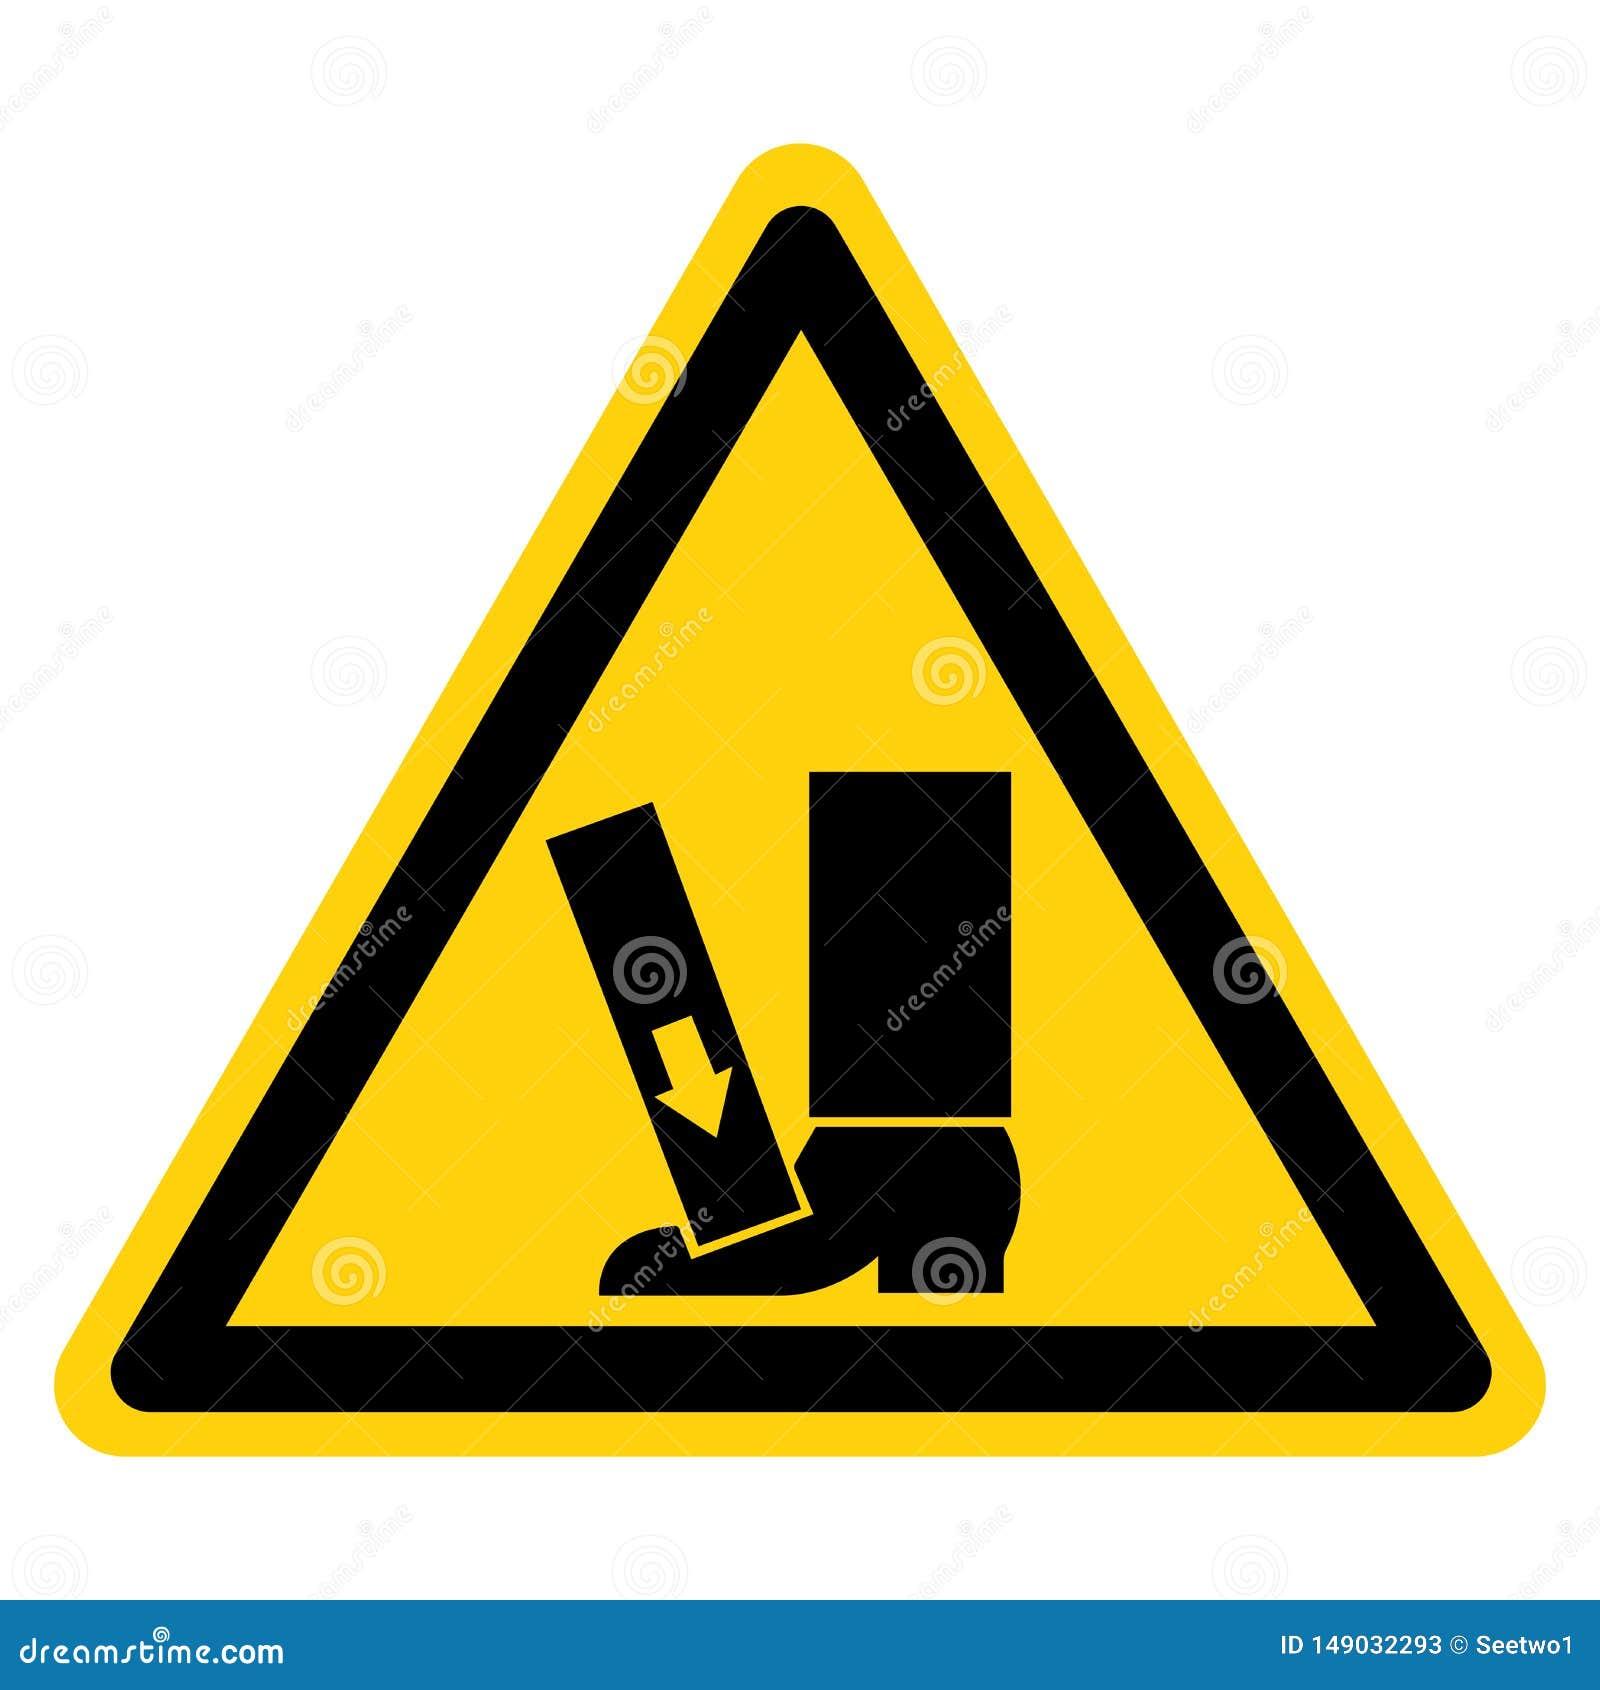 Το σημάδι συμβόλων δύναμης συντριβής ποδιών άνωθεν απομονώνει στο άσπρο υπόβαθρο, διανυσματική απεικόνιση